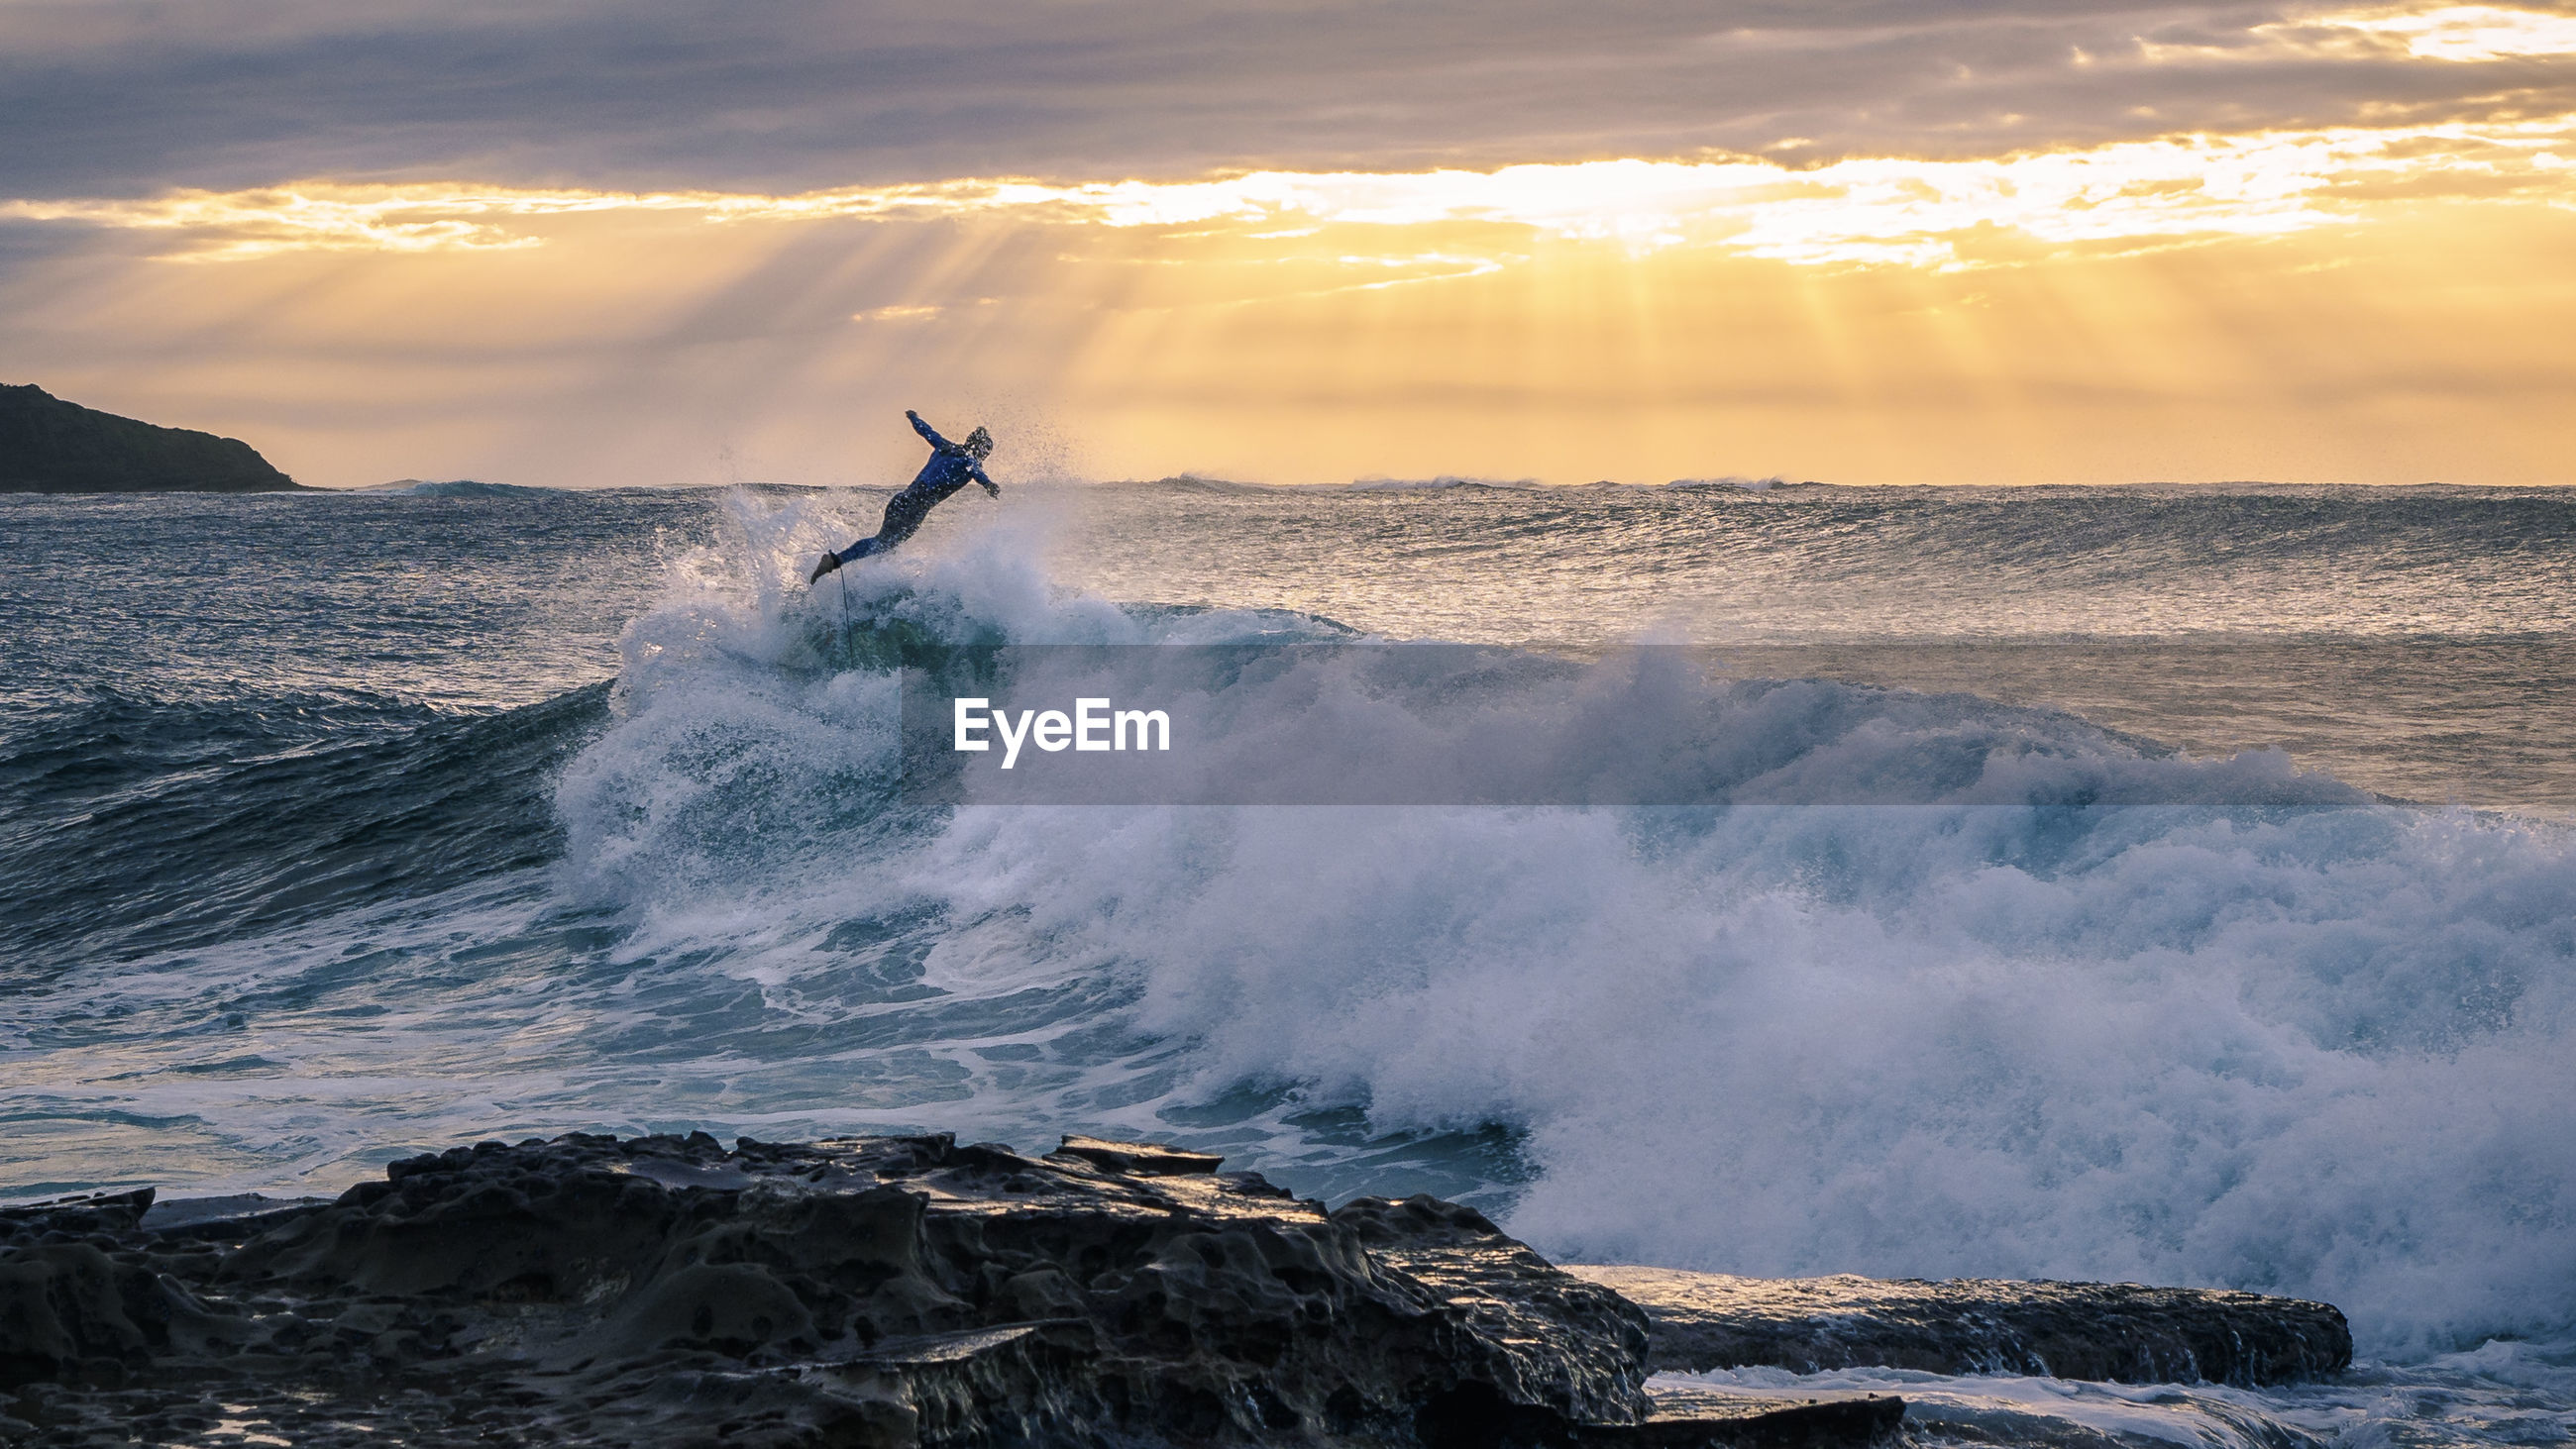 WAVES SPLASHING ON ROCKS AT SUNSET